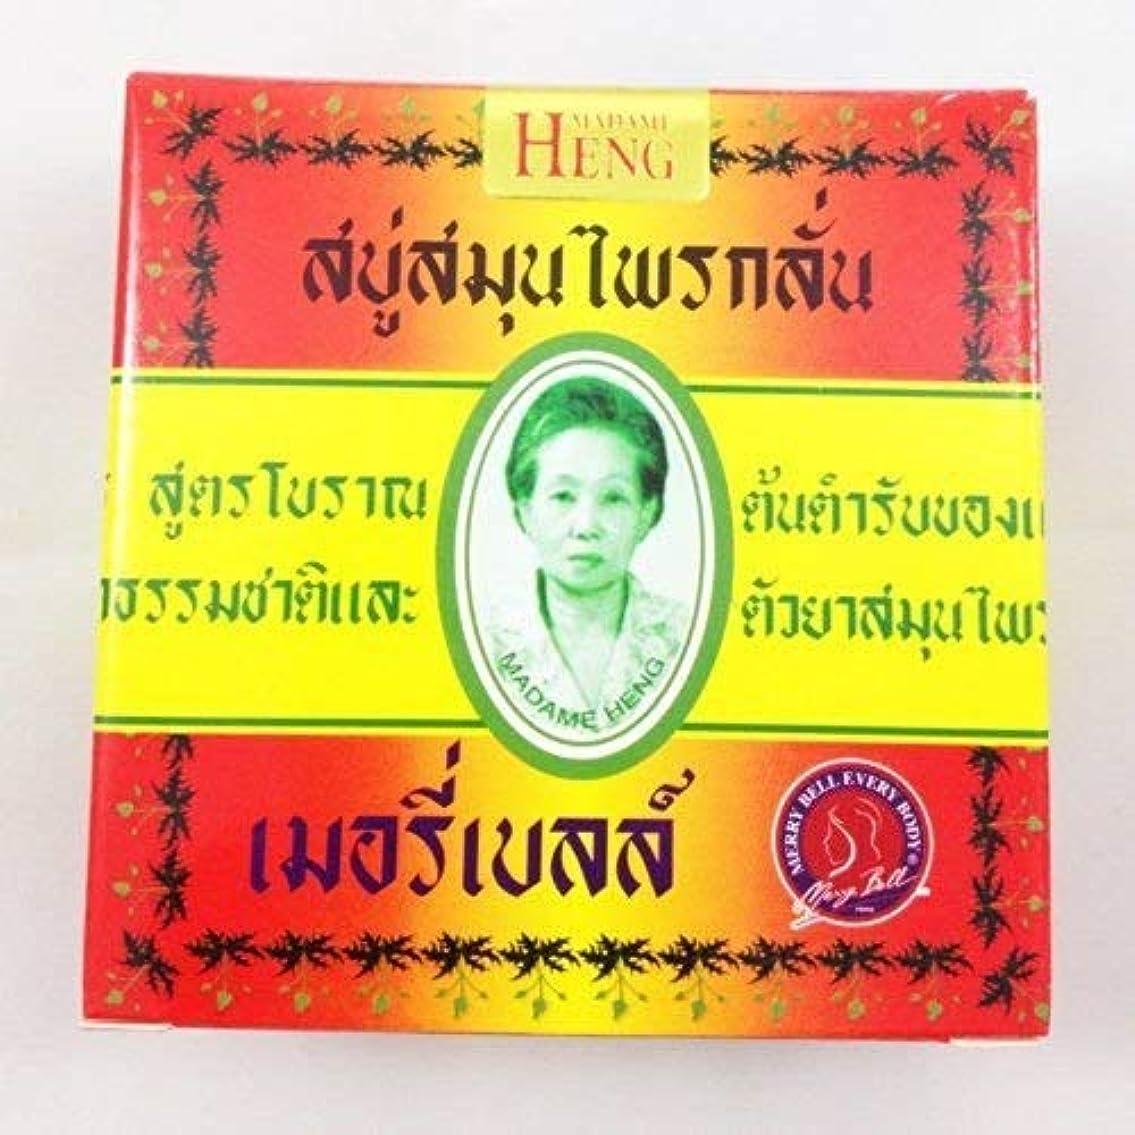 シダホステルプーノMadame Heng Thai Original Natural Herbal Soap Bar Made in Thailand 160gx2pcs by Ni Yom Thai shop